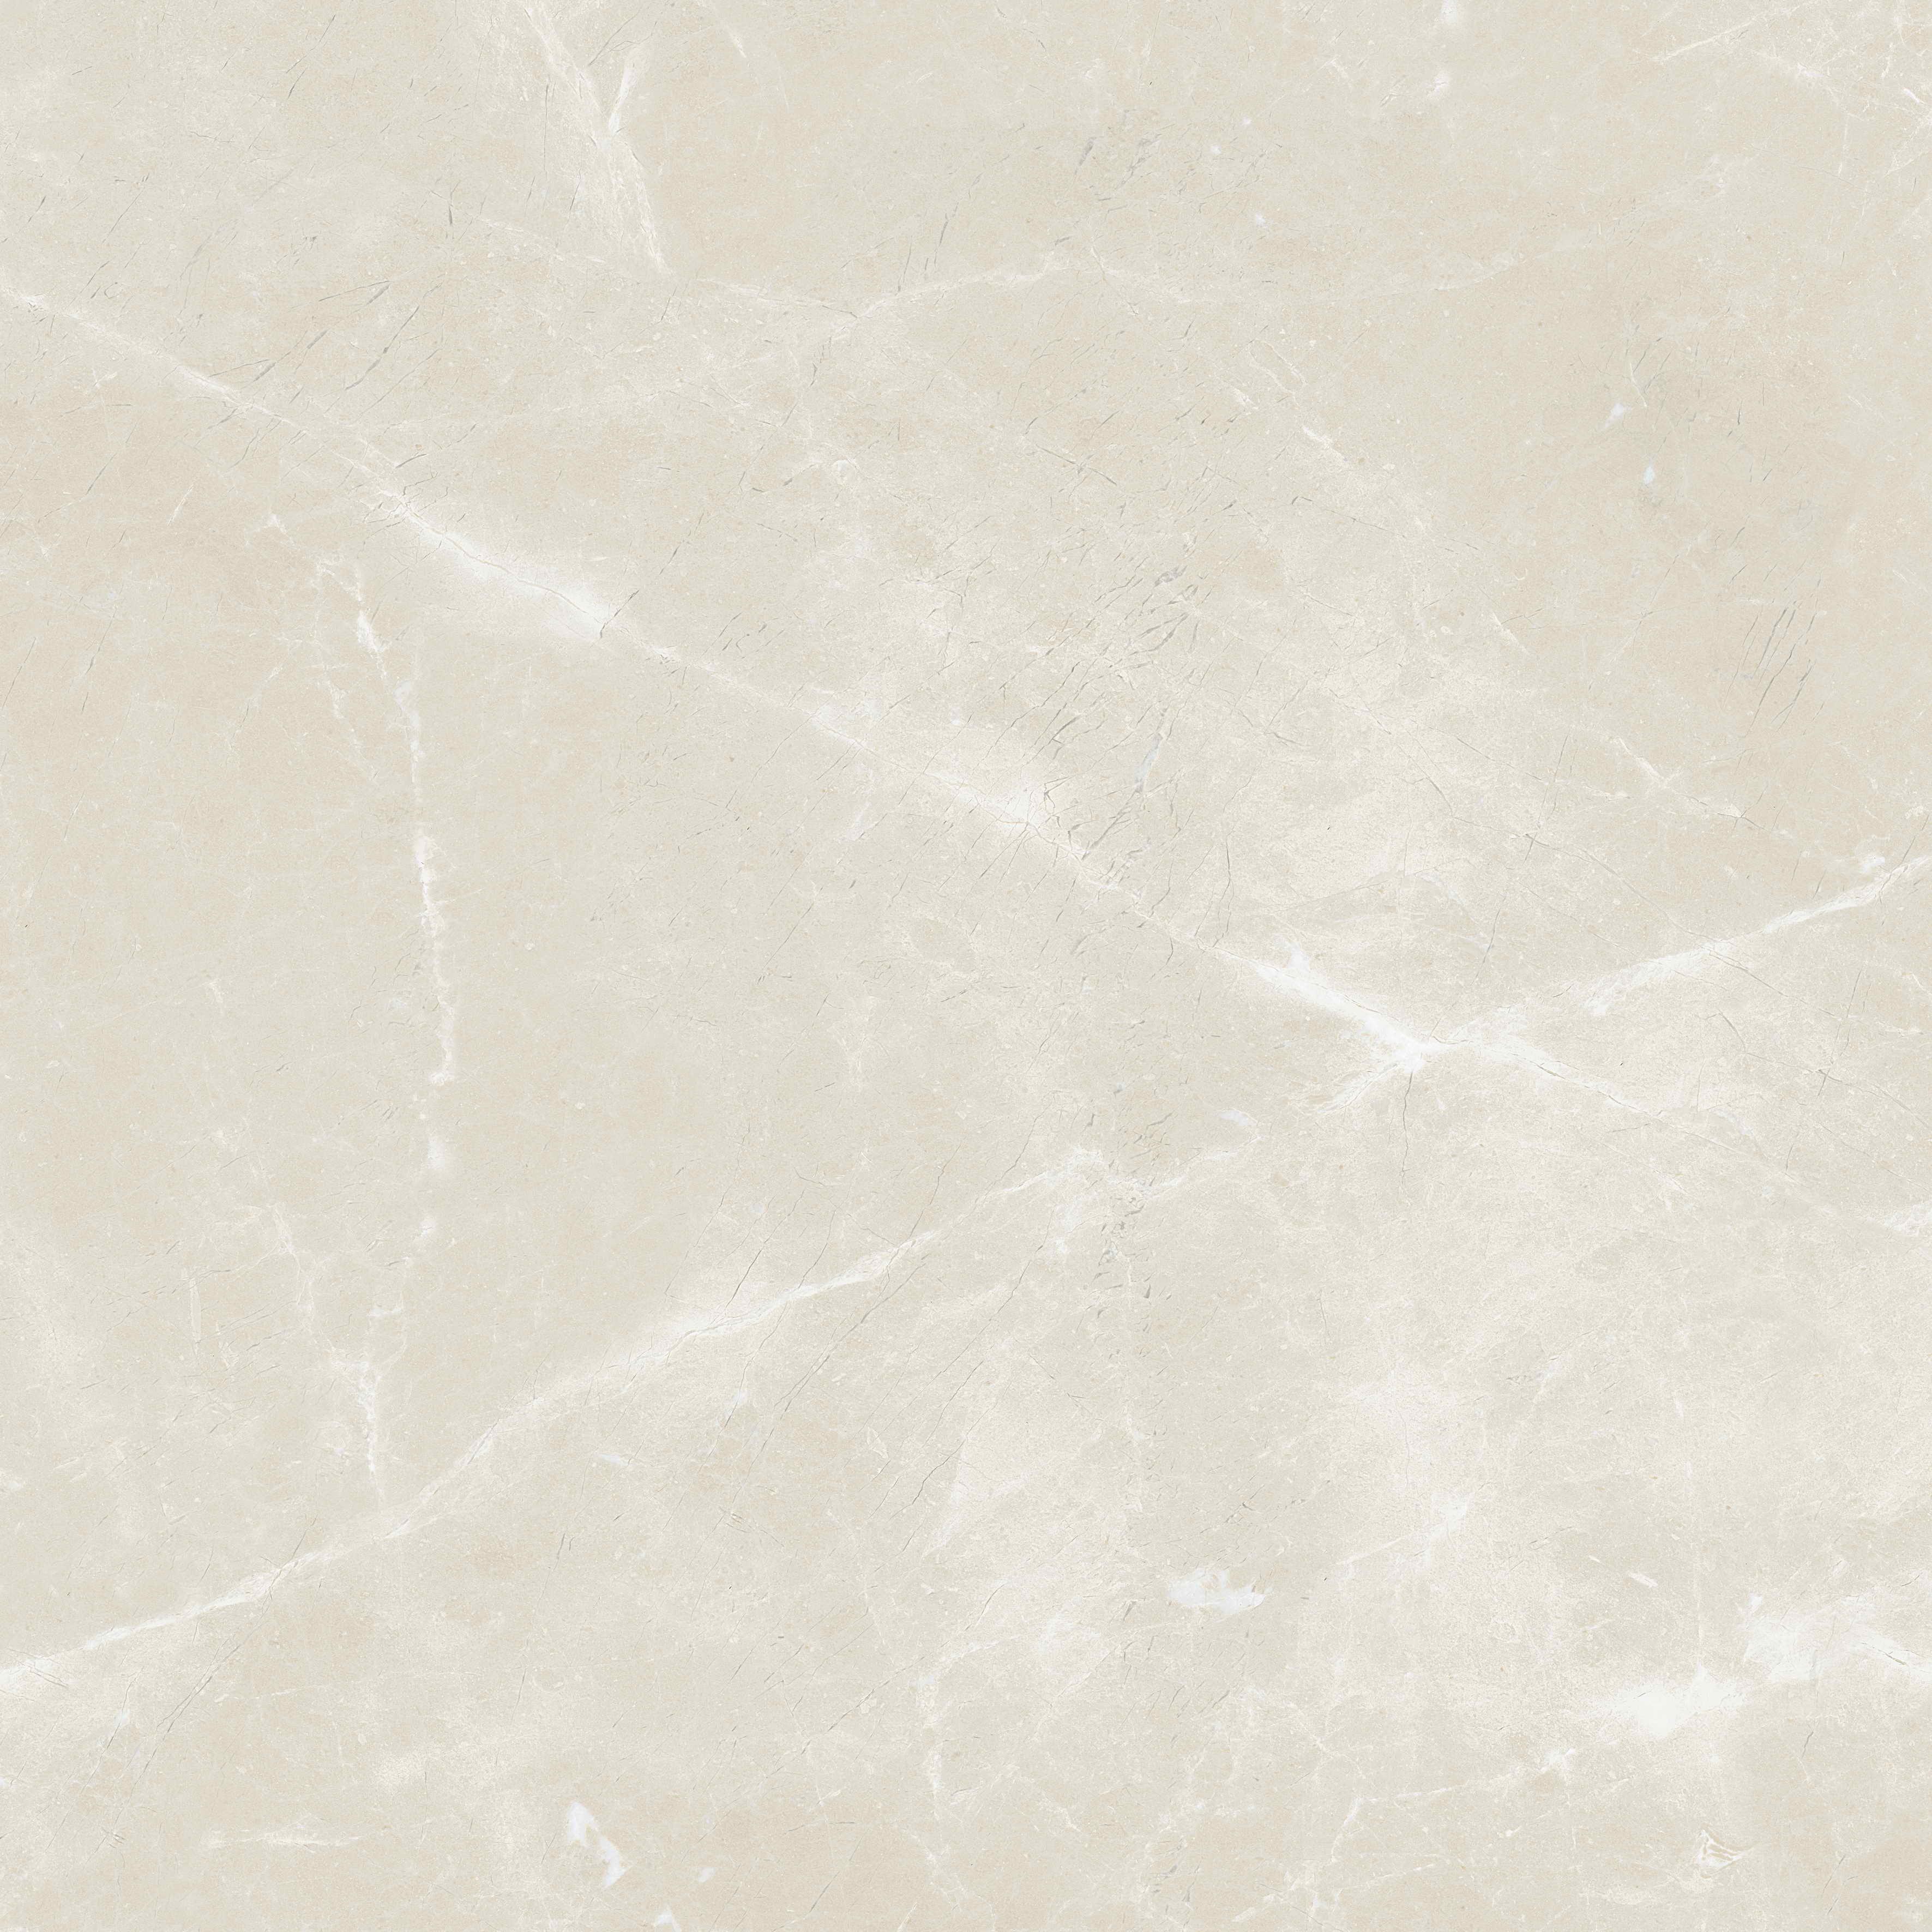 负离子通体大理石瓷砖